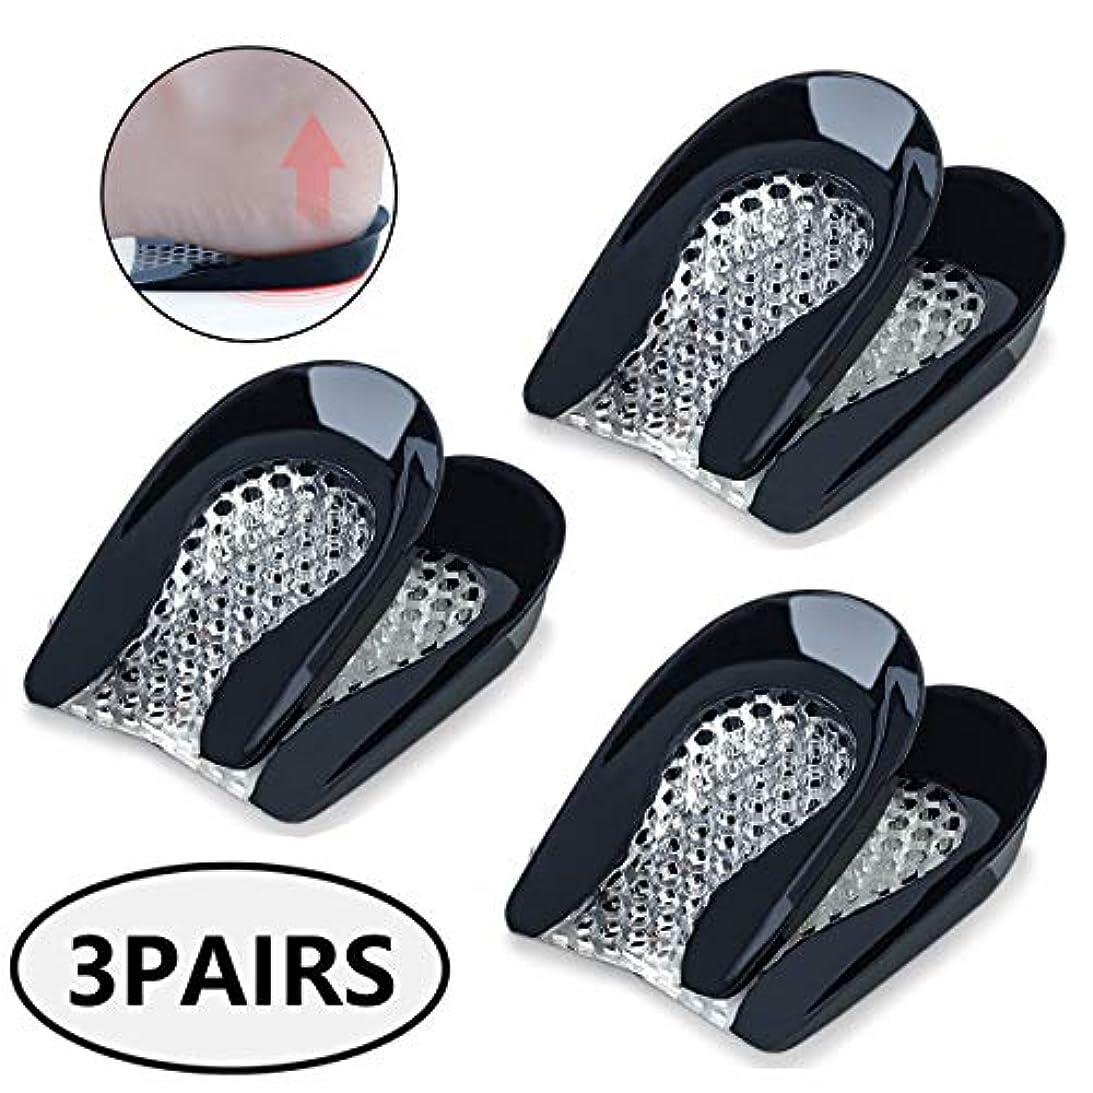 罰する本土天の整形外科靴の中敷の靴の挿入物-かかとの痛み、かかとのかかと、アキレス腱炎のかかとカップ-女性用かかとジェルパッド(3組)